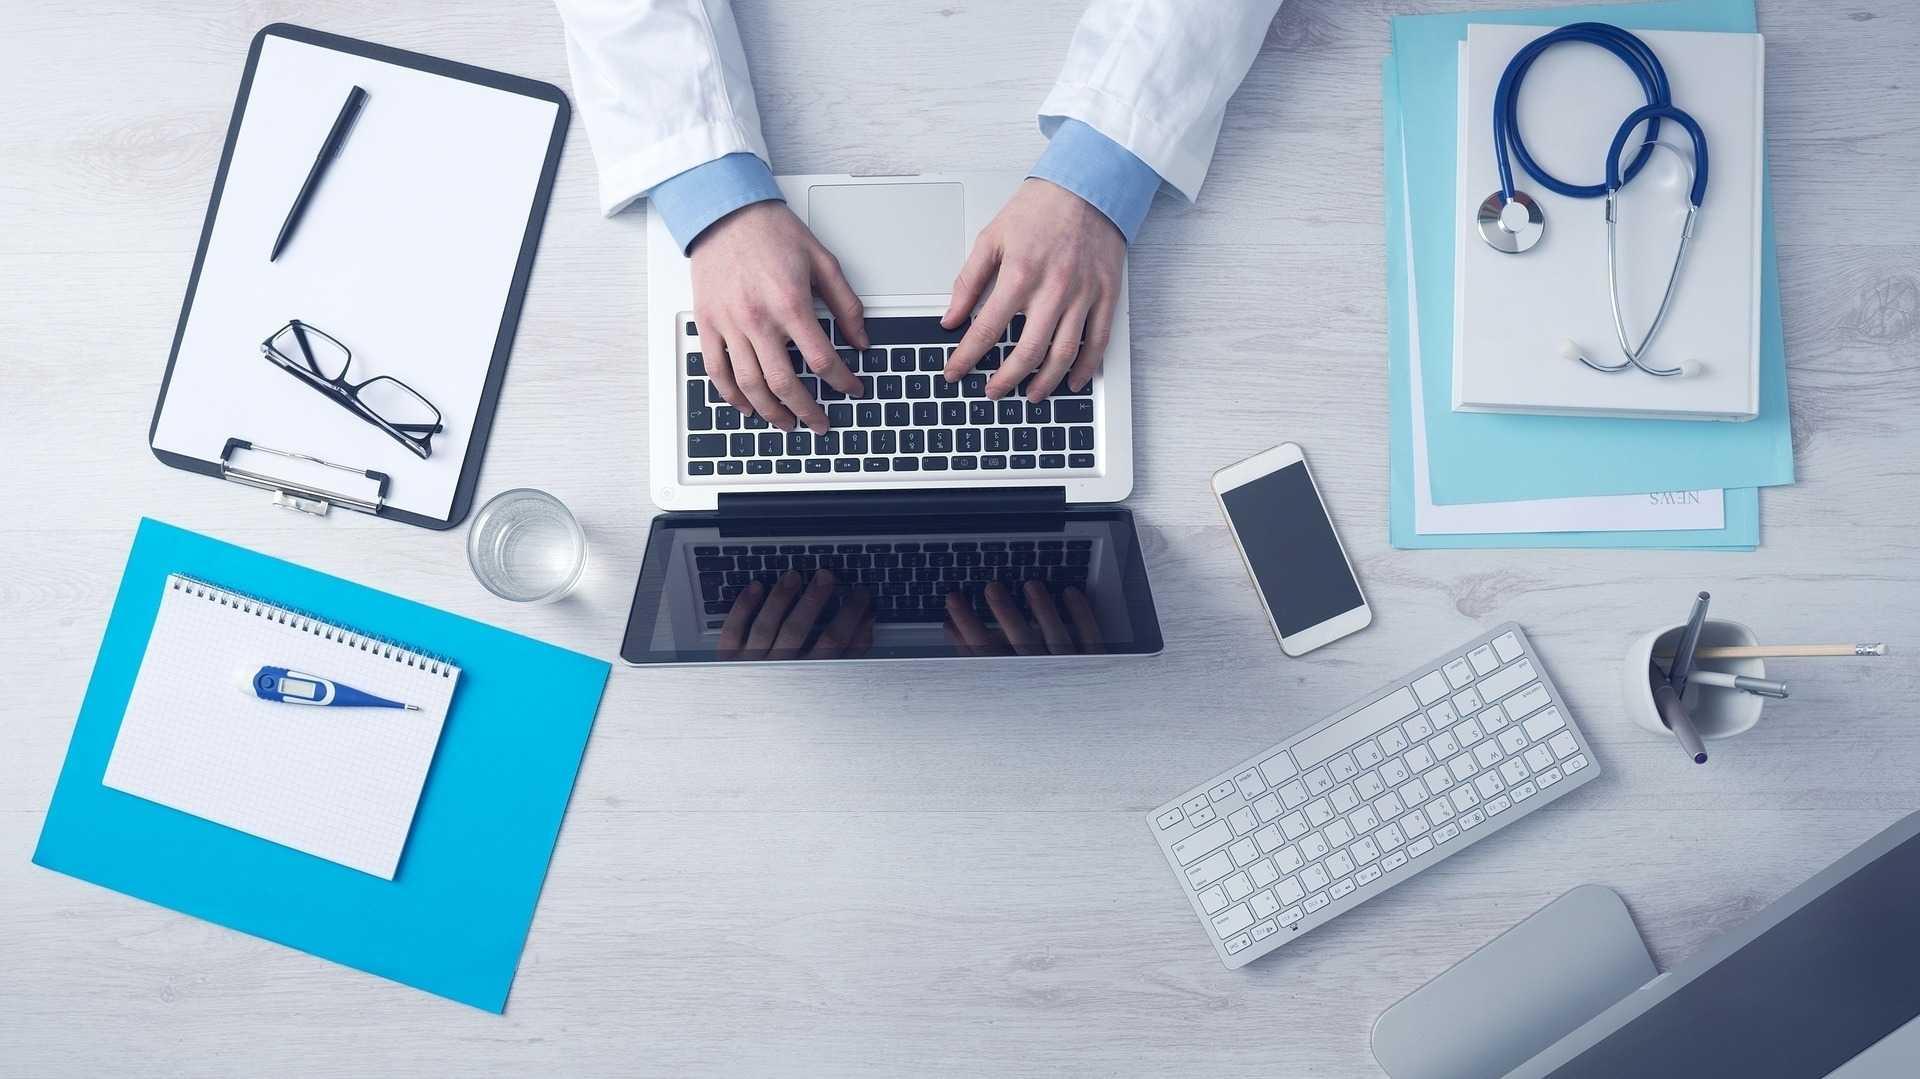 Studie: Deutsches Gesundheitswesen schwach bei Digitalisierung